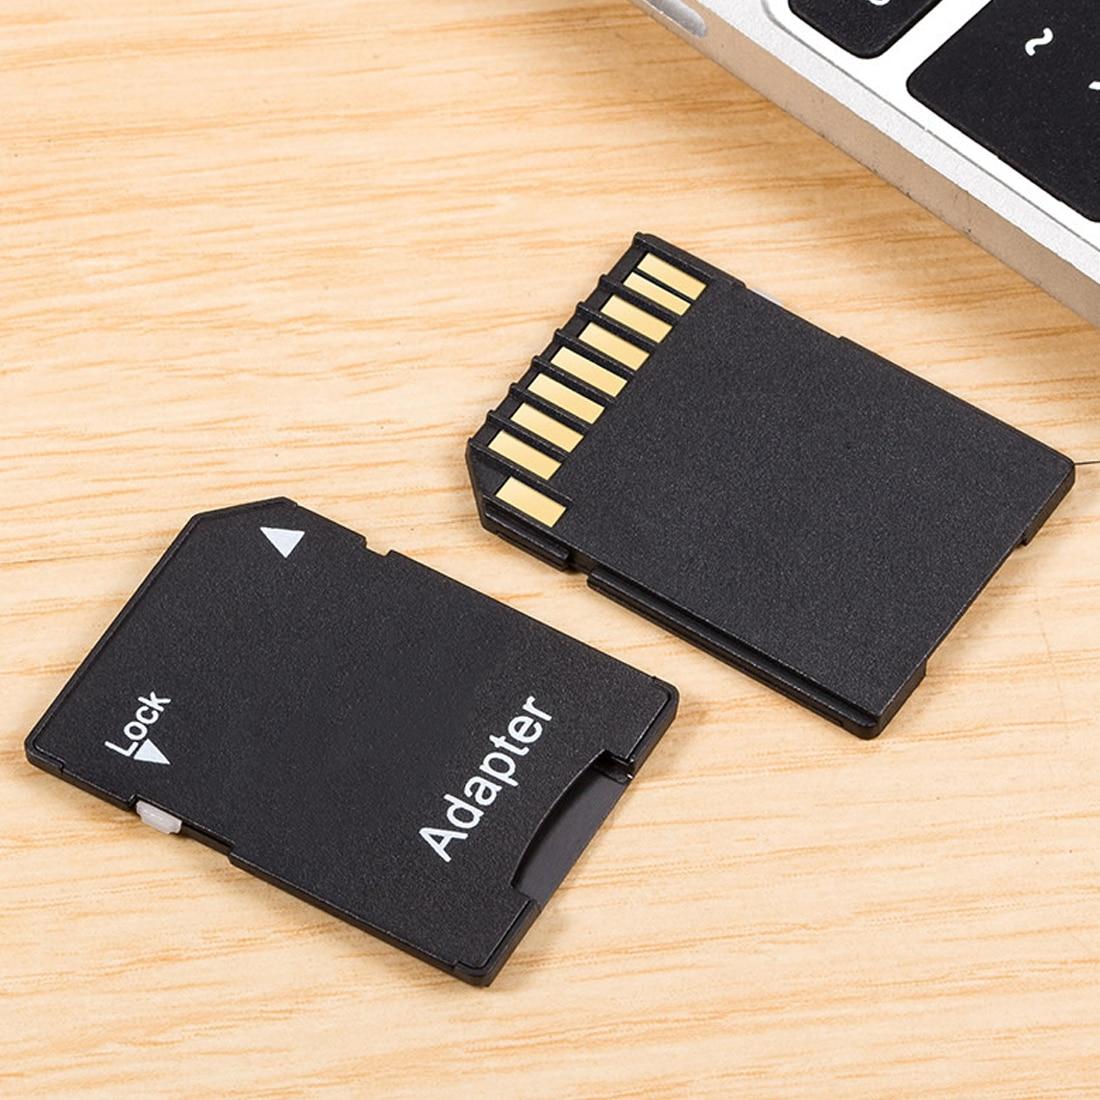 NOYOKERE 2PCS  Popular Micro SD TransFlash TF To SD SDHC Memory Card Adapter Convert Into SD Card